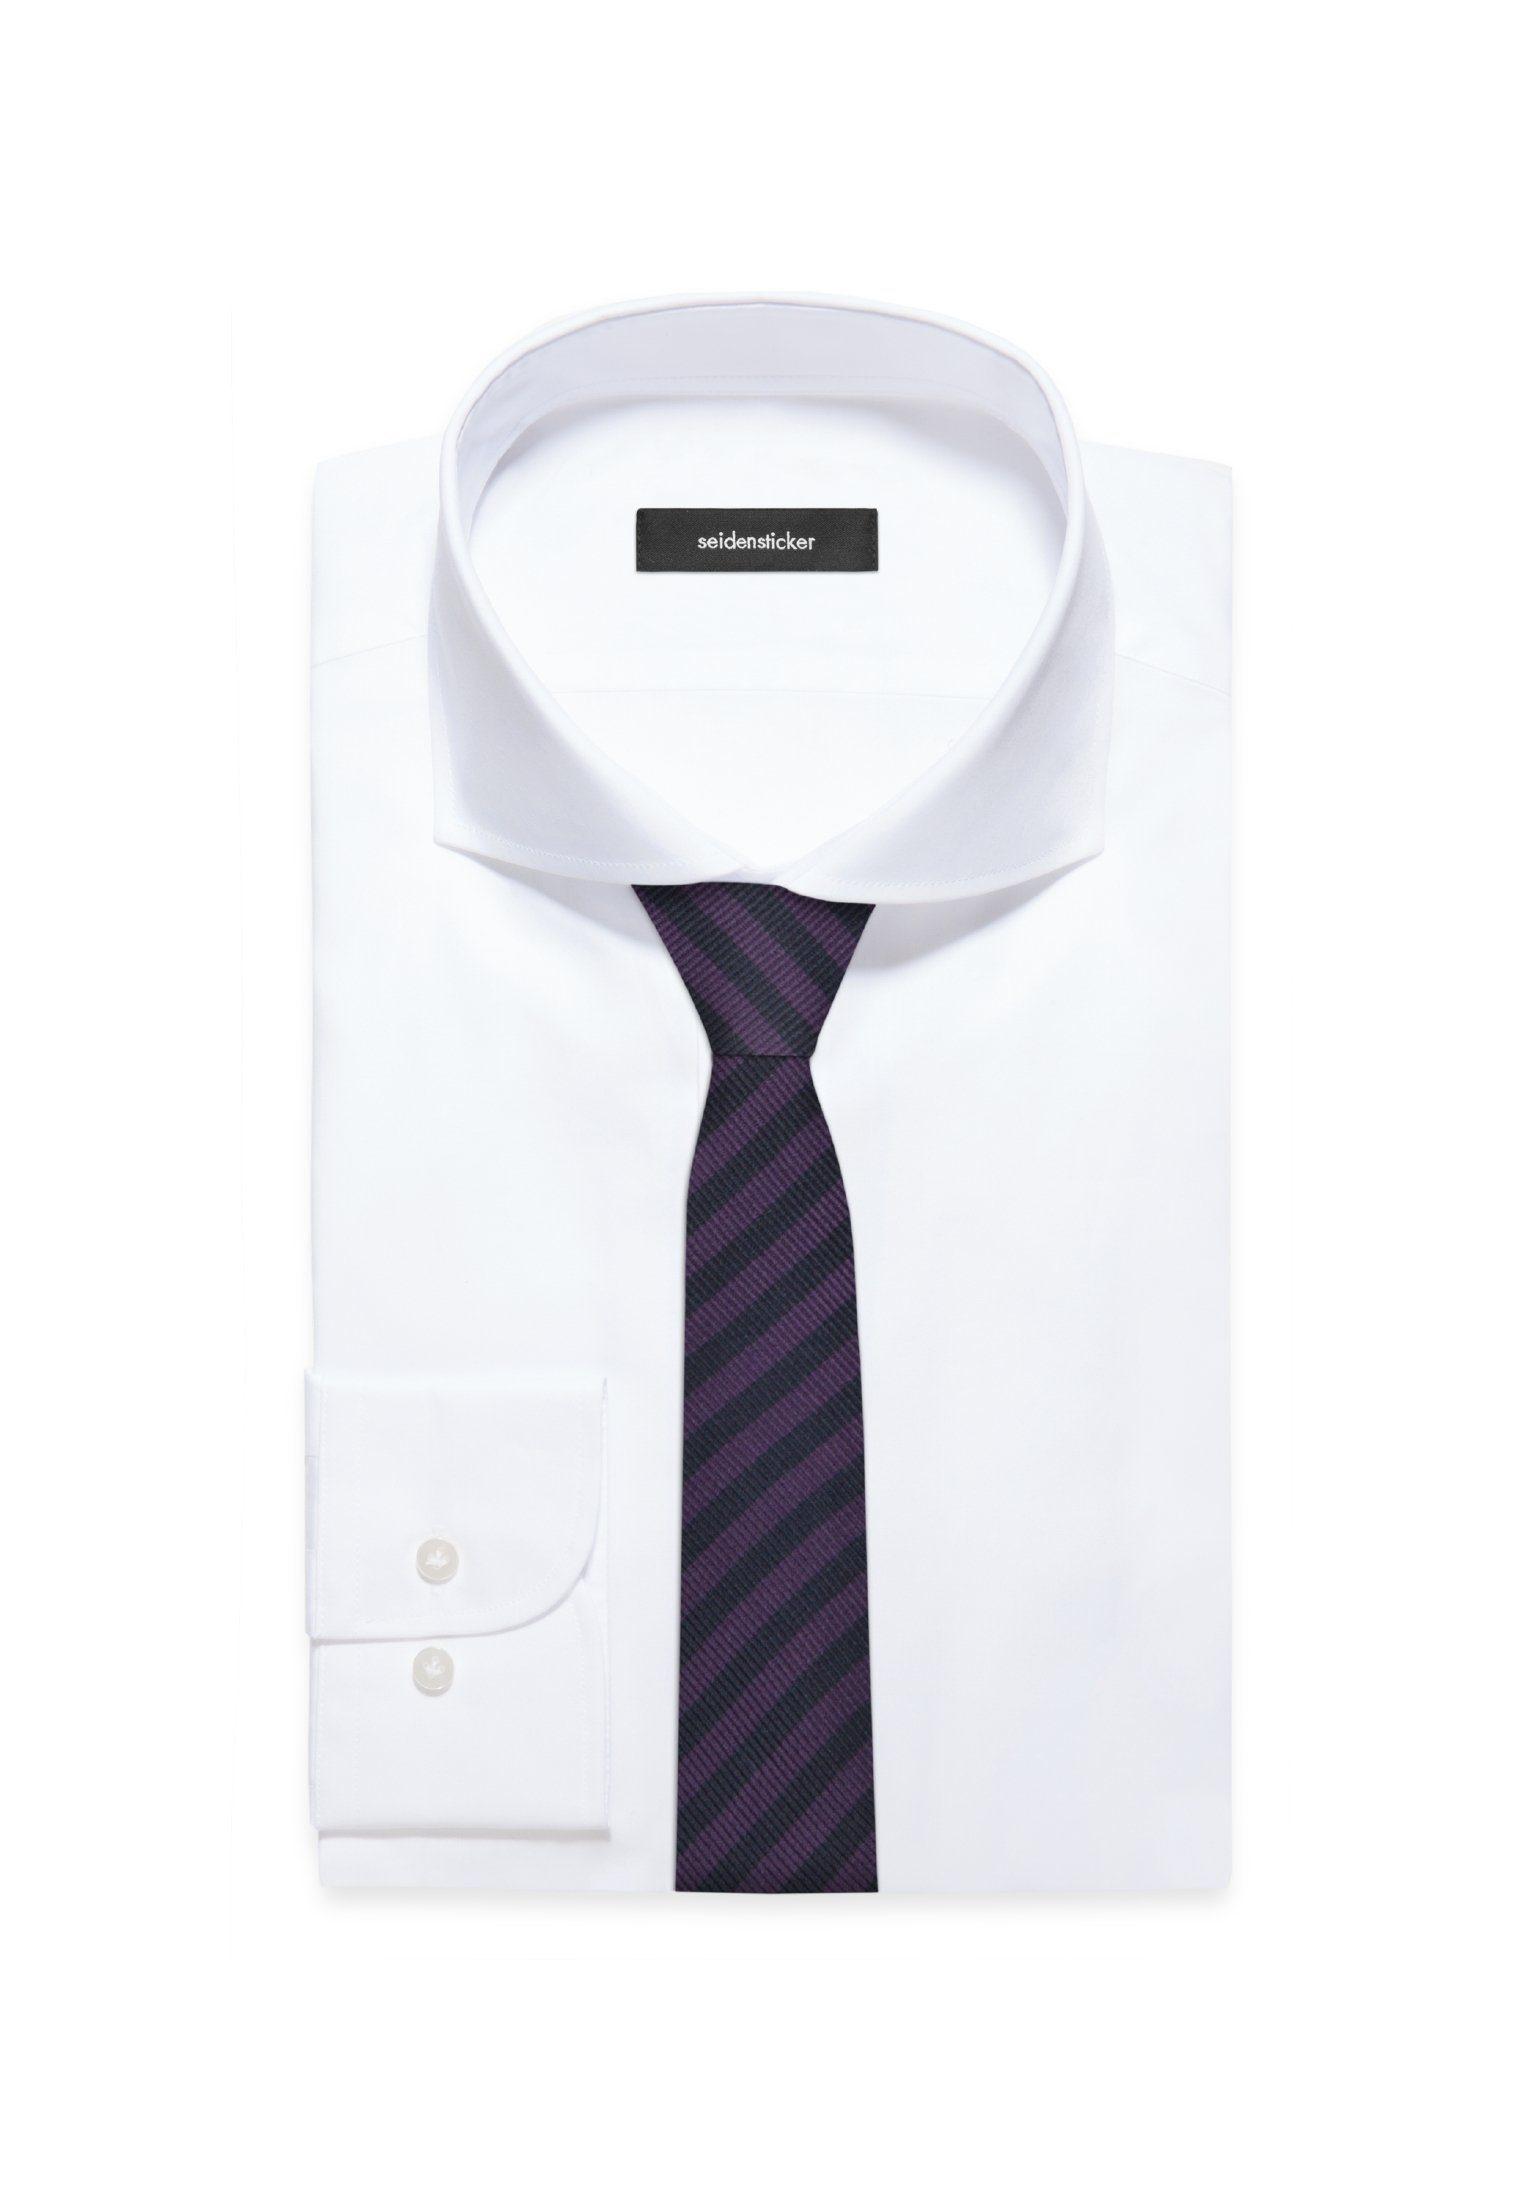 Seidensticker »slim«Schmal5cmKaufen Seidensticker Krawatte Krawatte Krawatte Seidensticker »slim«Schmal5cmKaufen nwN8vm0O